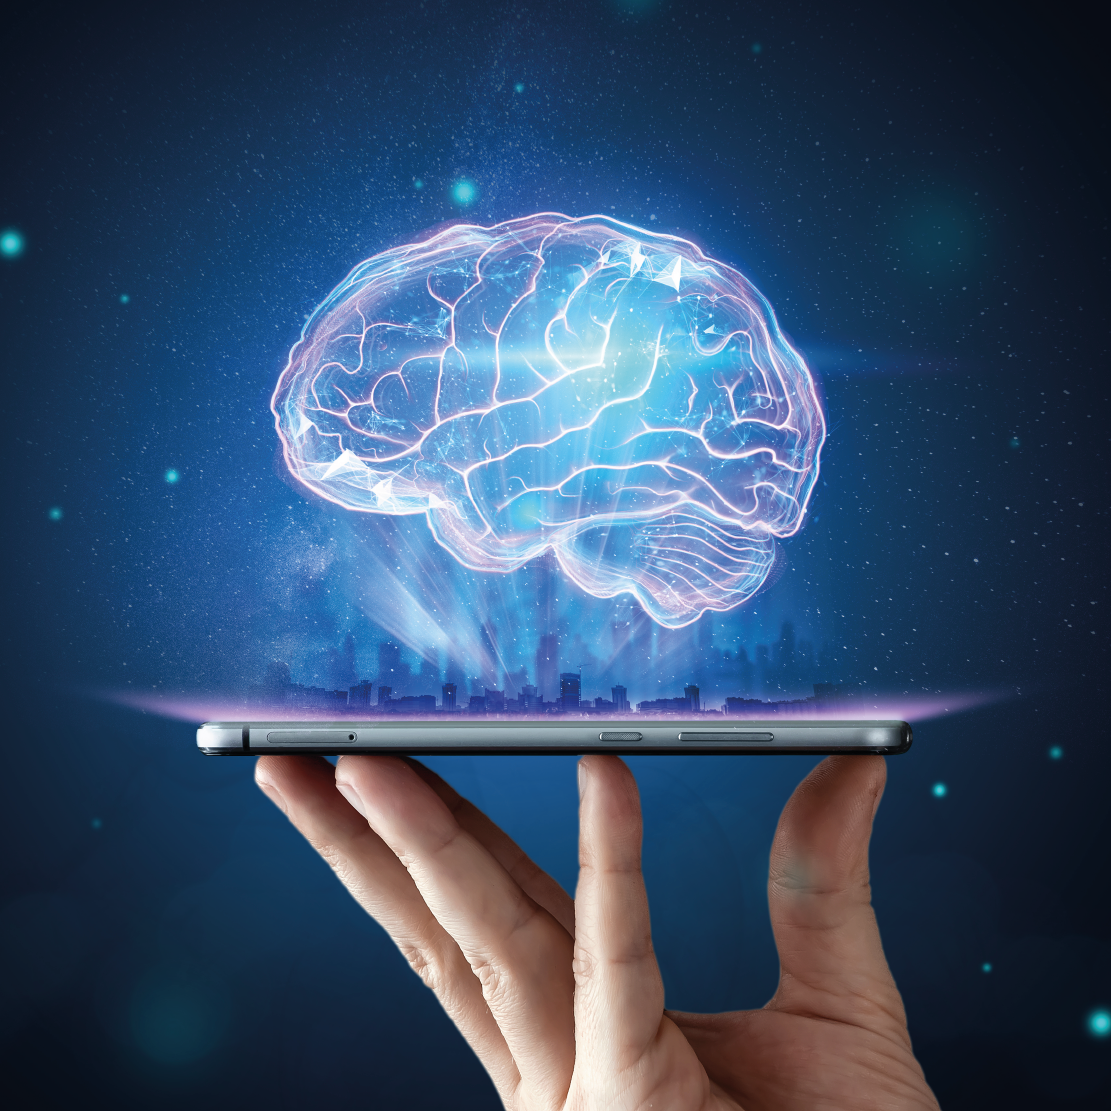 El Gobierno lanza una consulta para identificar propuestas para la integración de la inteligencia artificial en las cadenas de valor de la economía